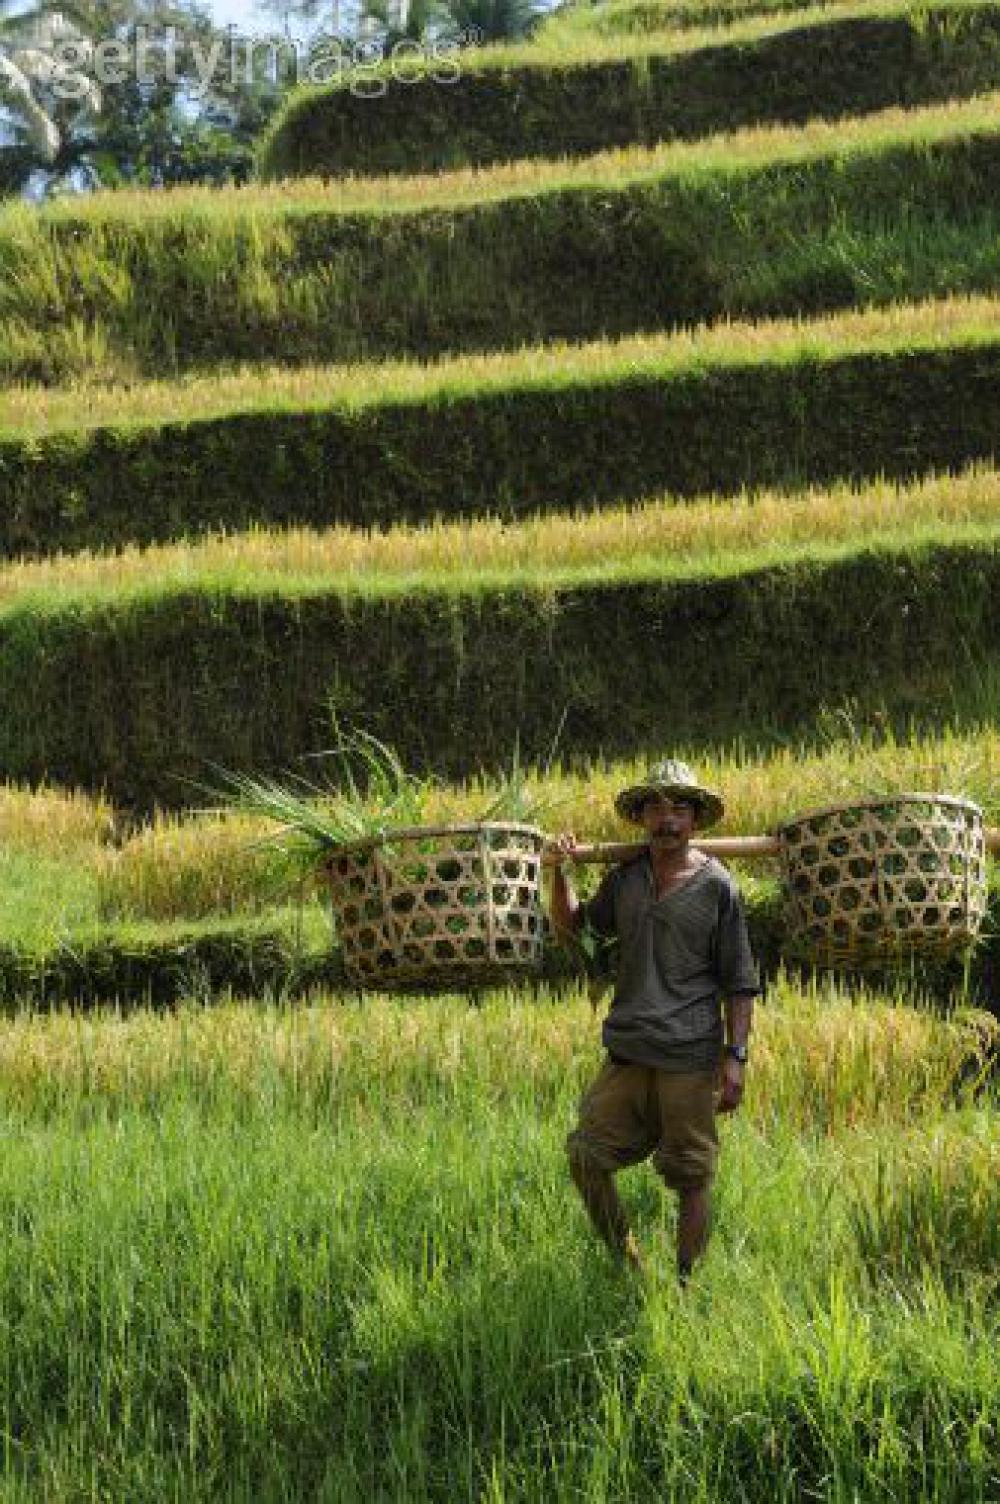 Part II: Malaysia, Brazil, dan Masa Depan Indonesia